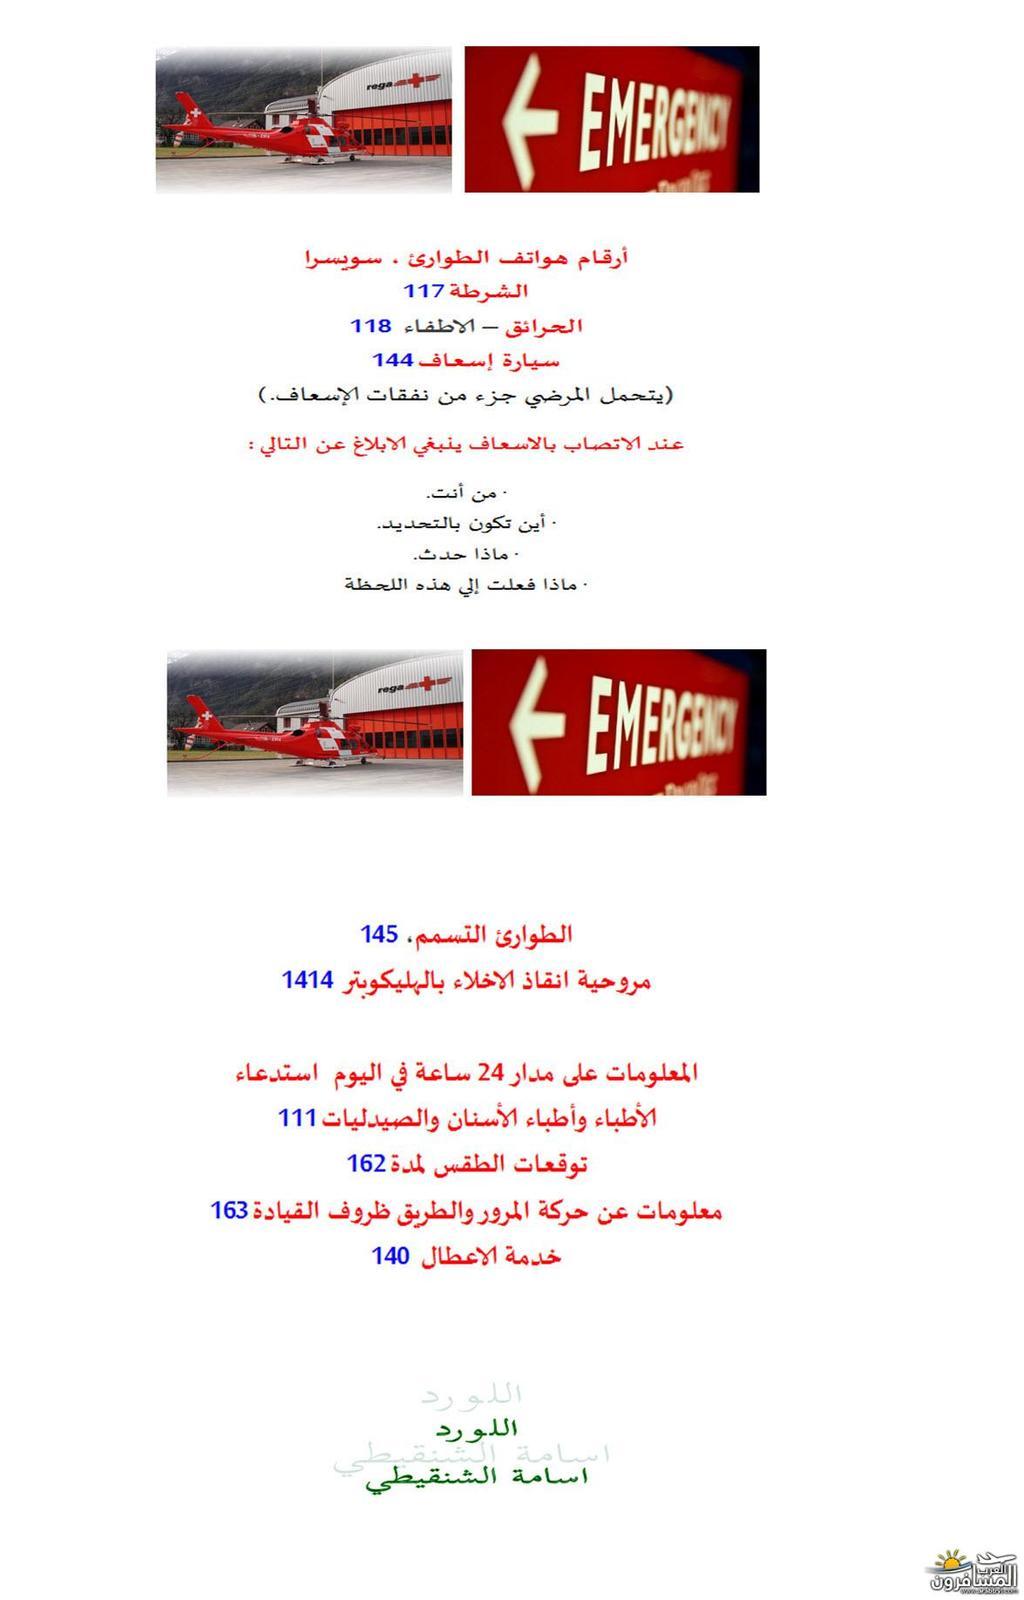 arabtrvl1433365443491.jpg